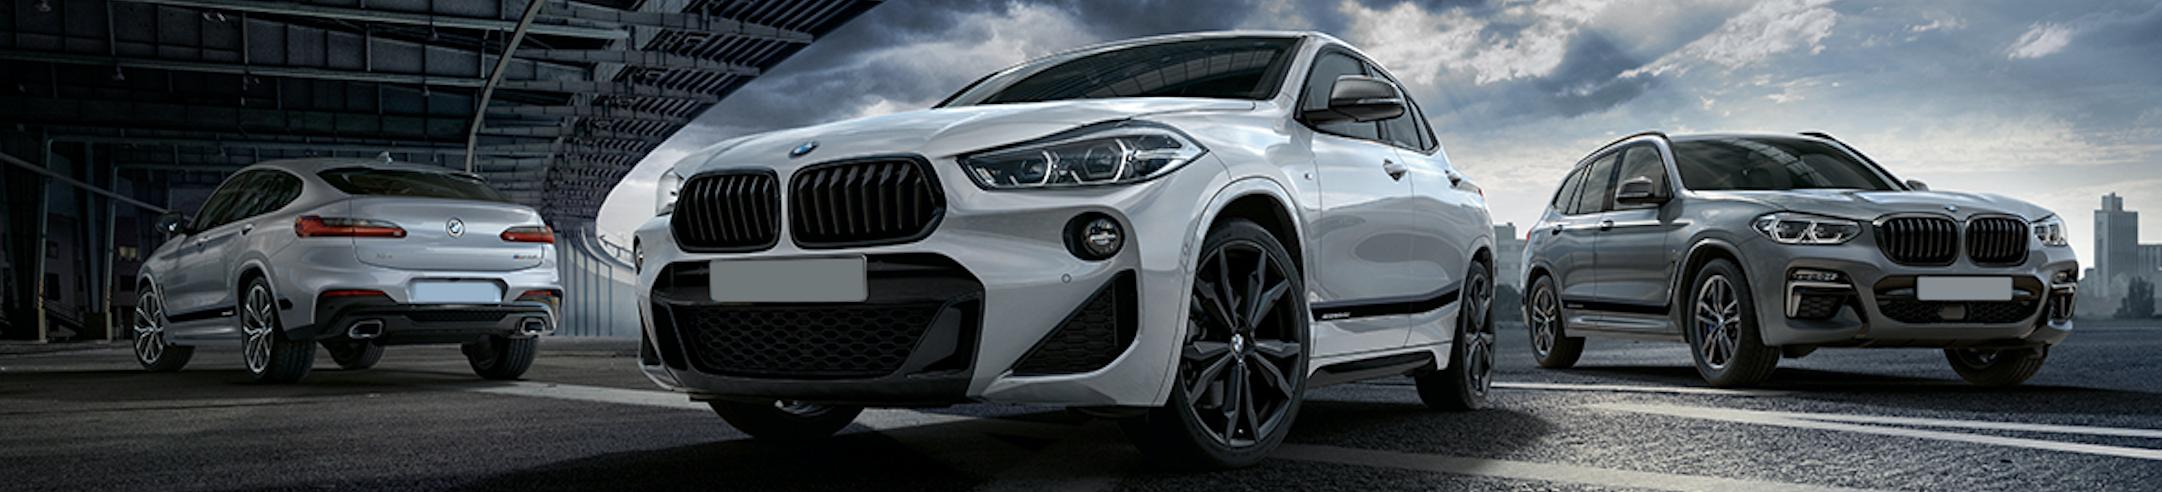 BMW tyres range